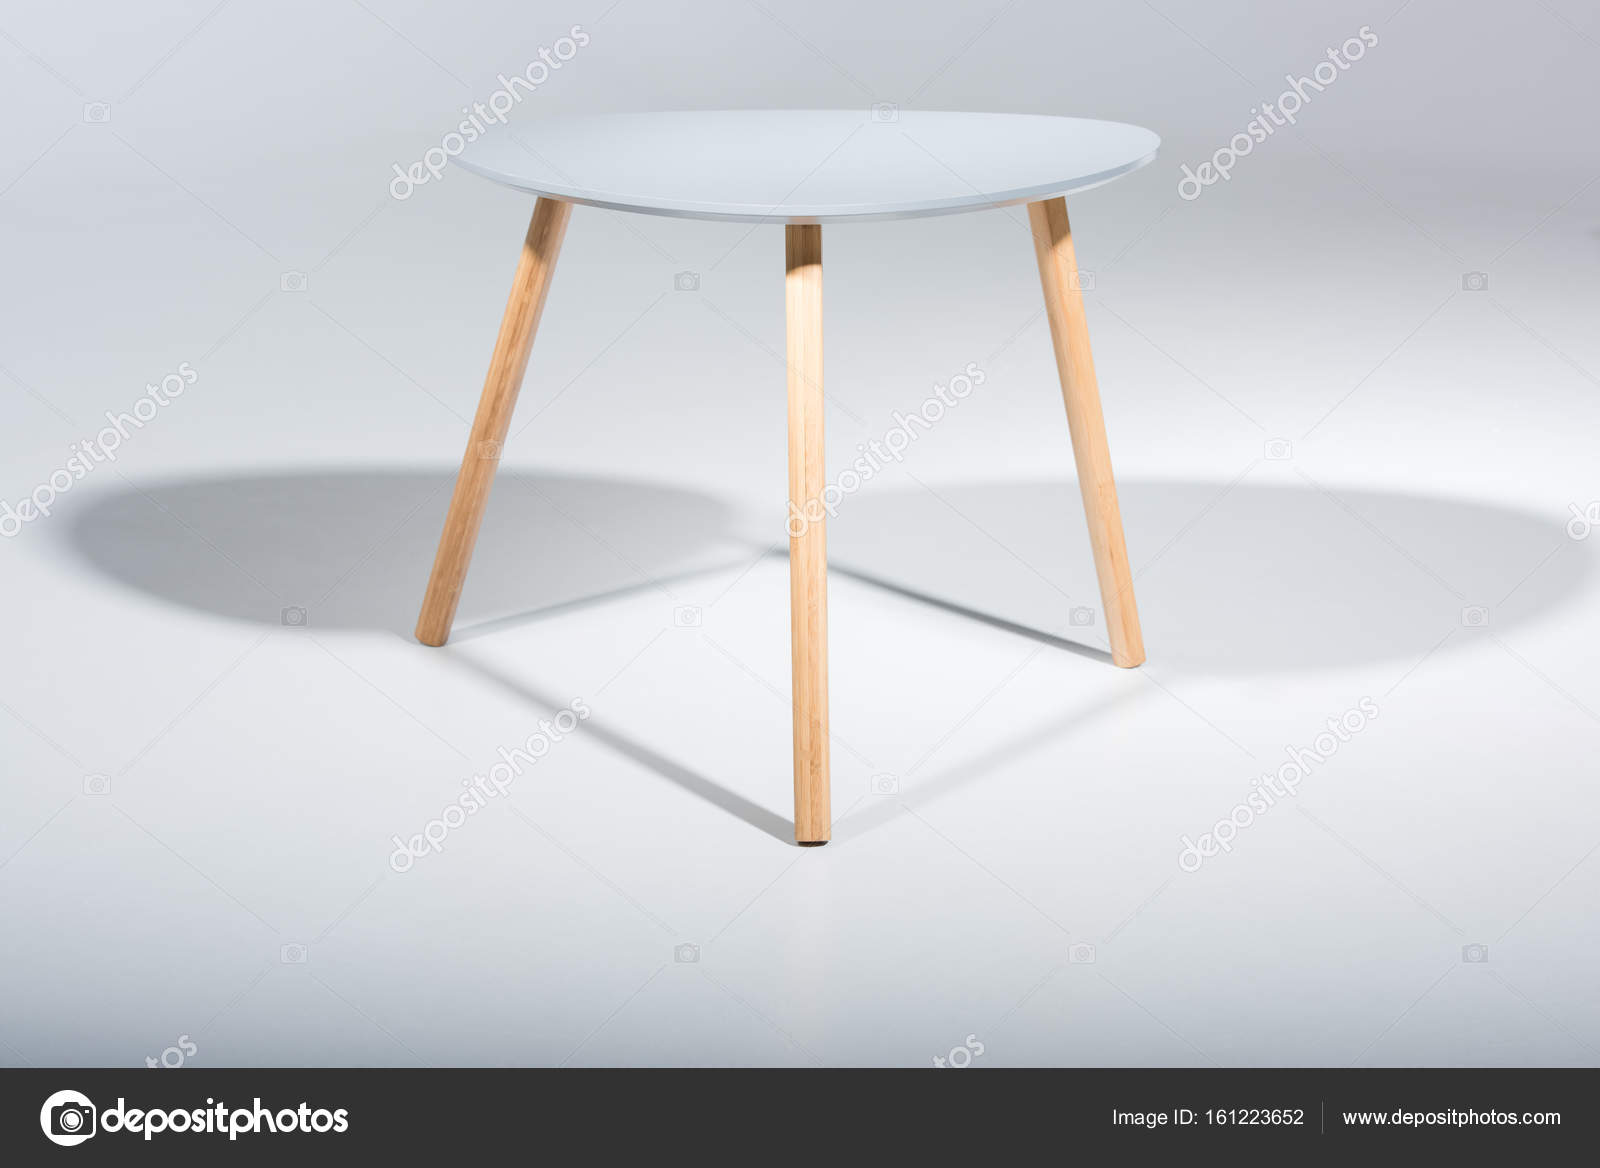 Sgabello con gambe in legno e top bianche u2014 foto stock